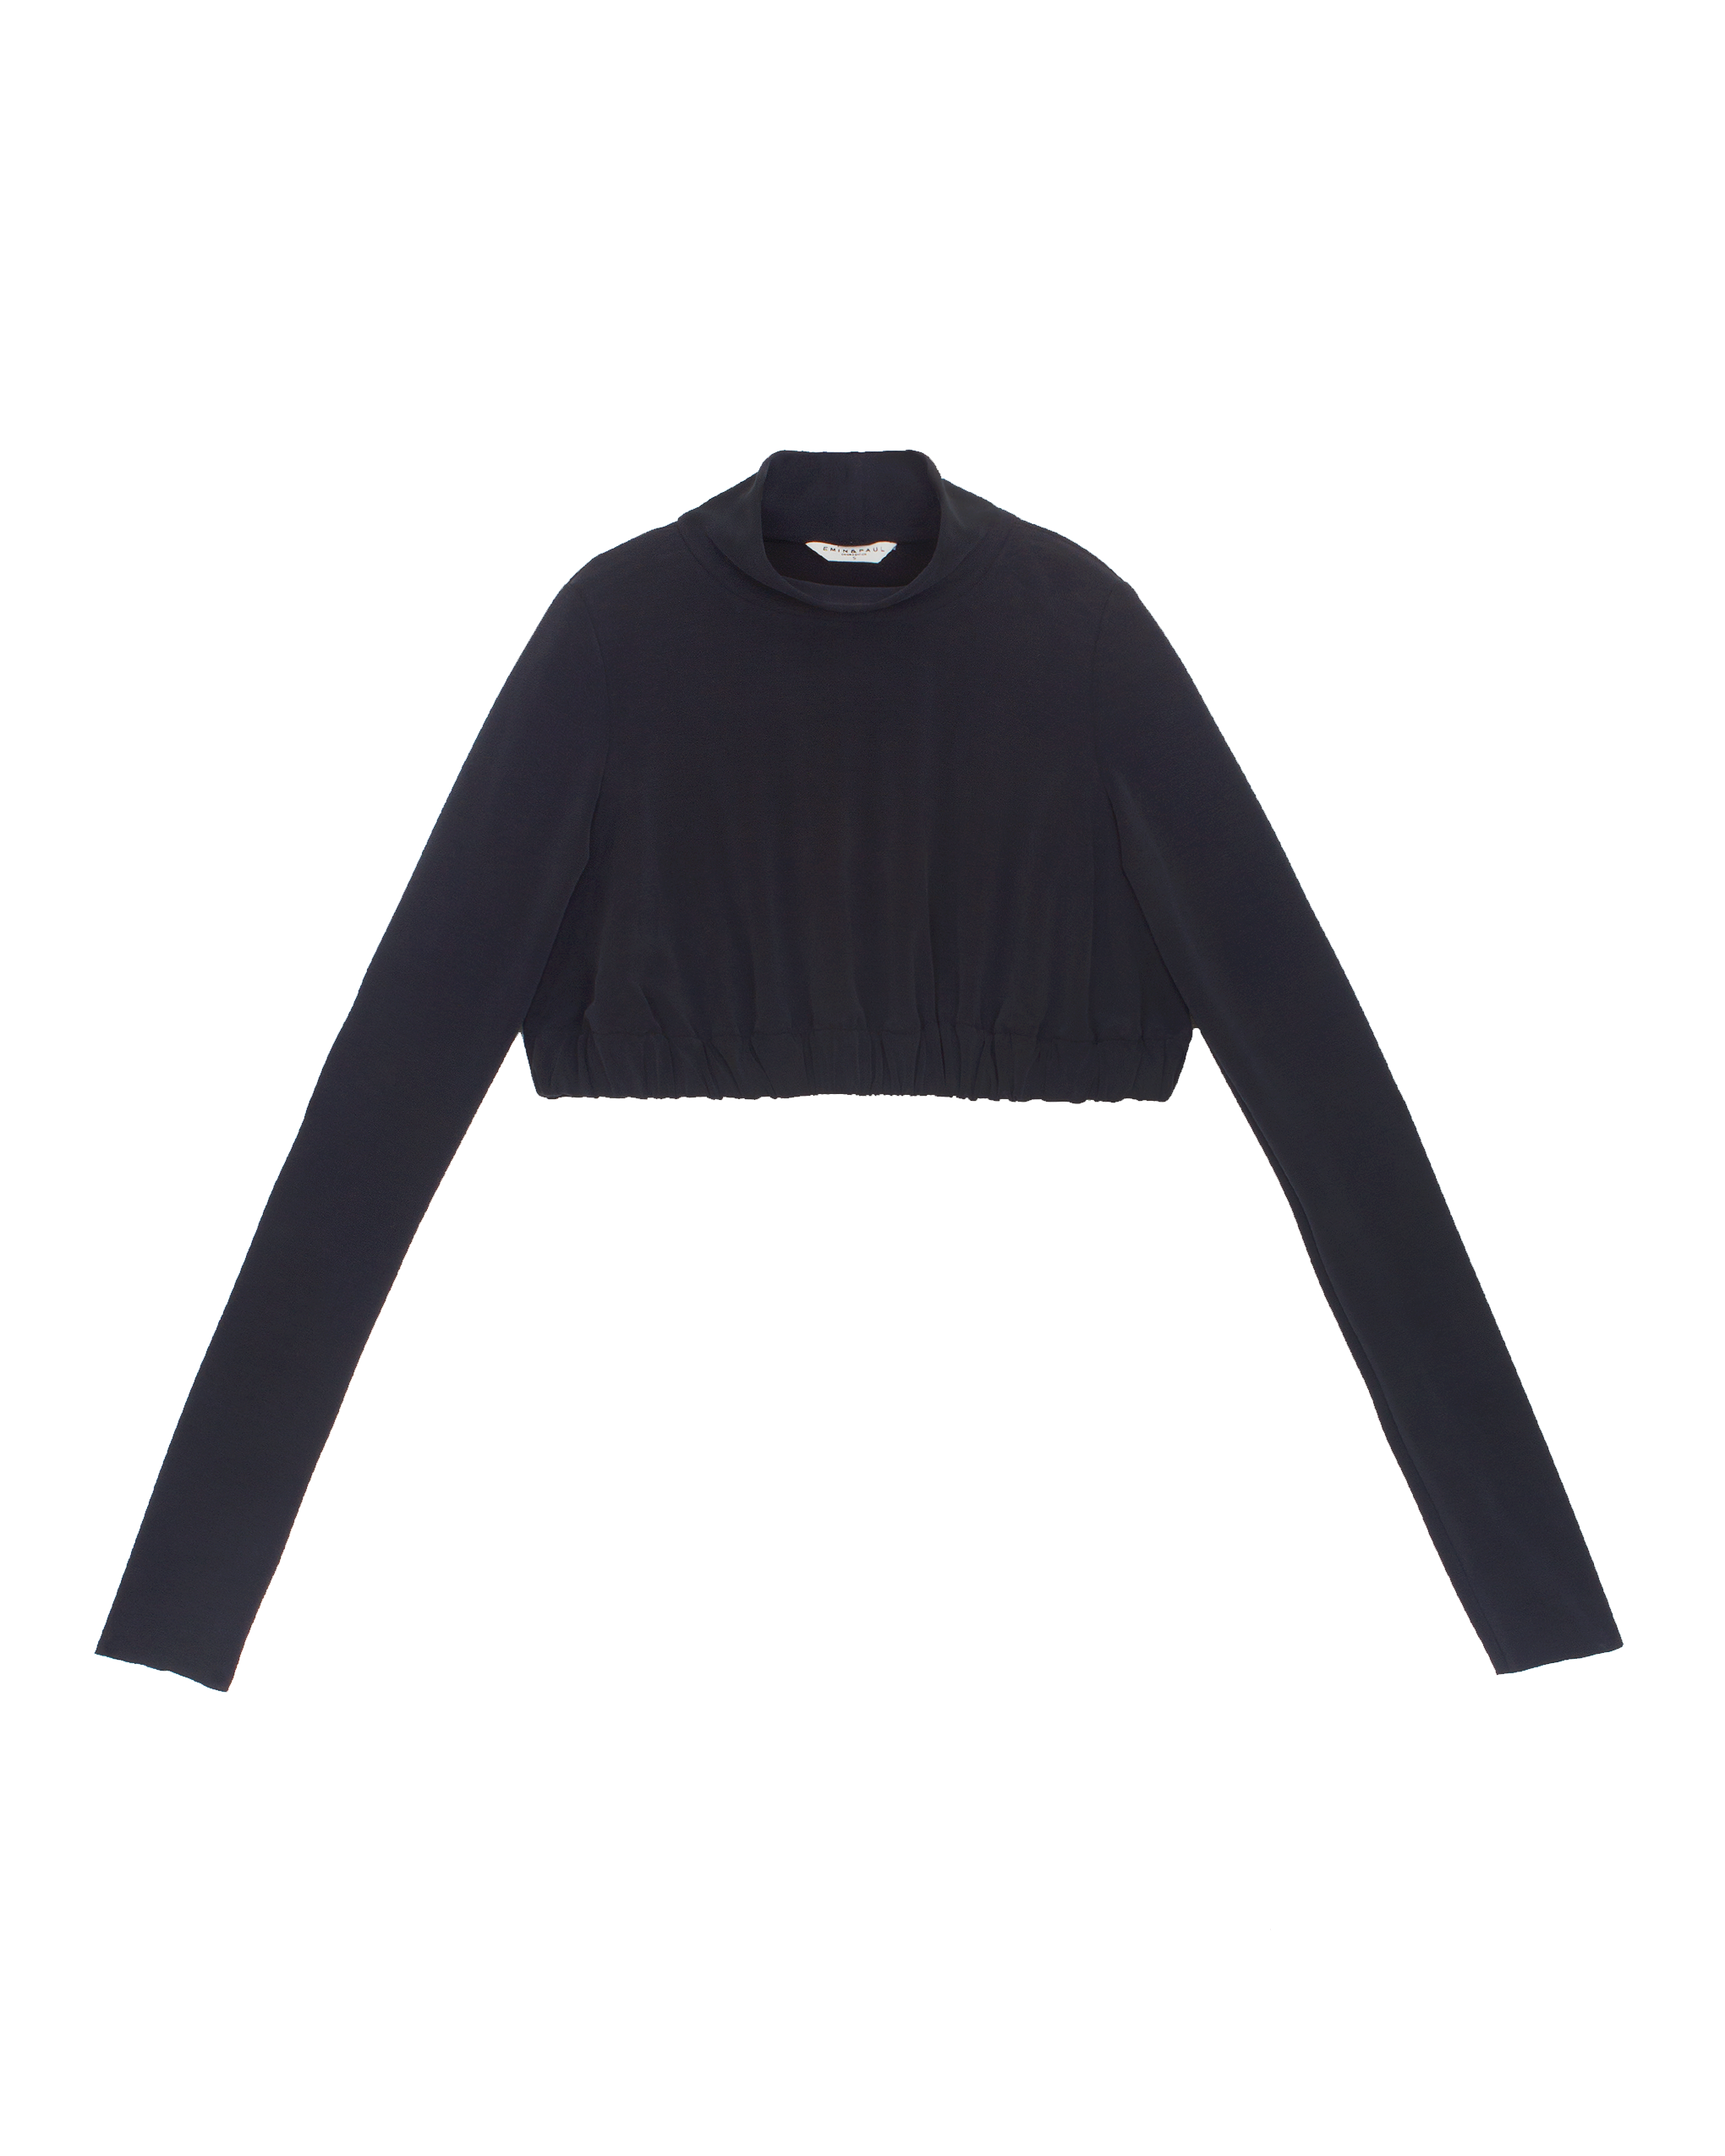 EMIN + PAUL black cropped jersey jumper.